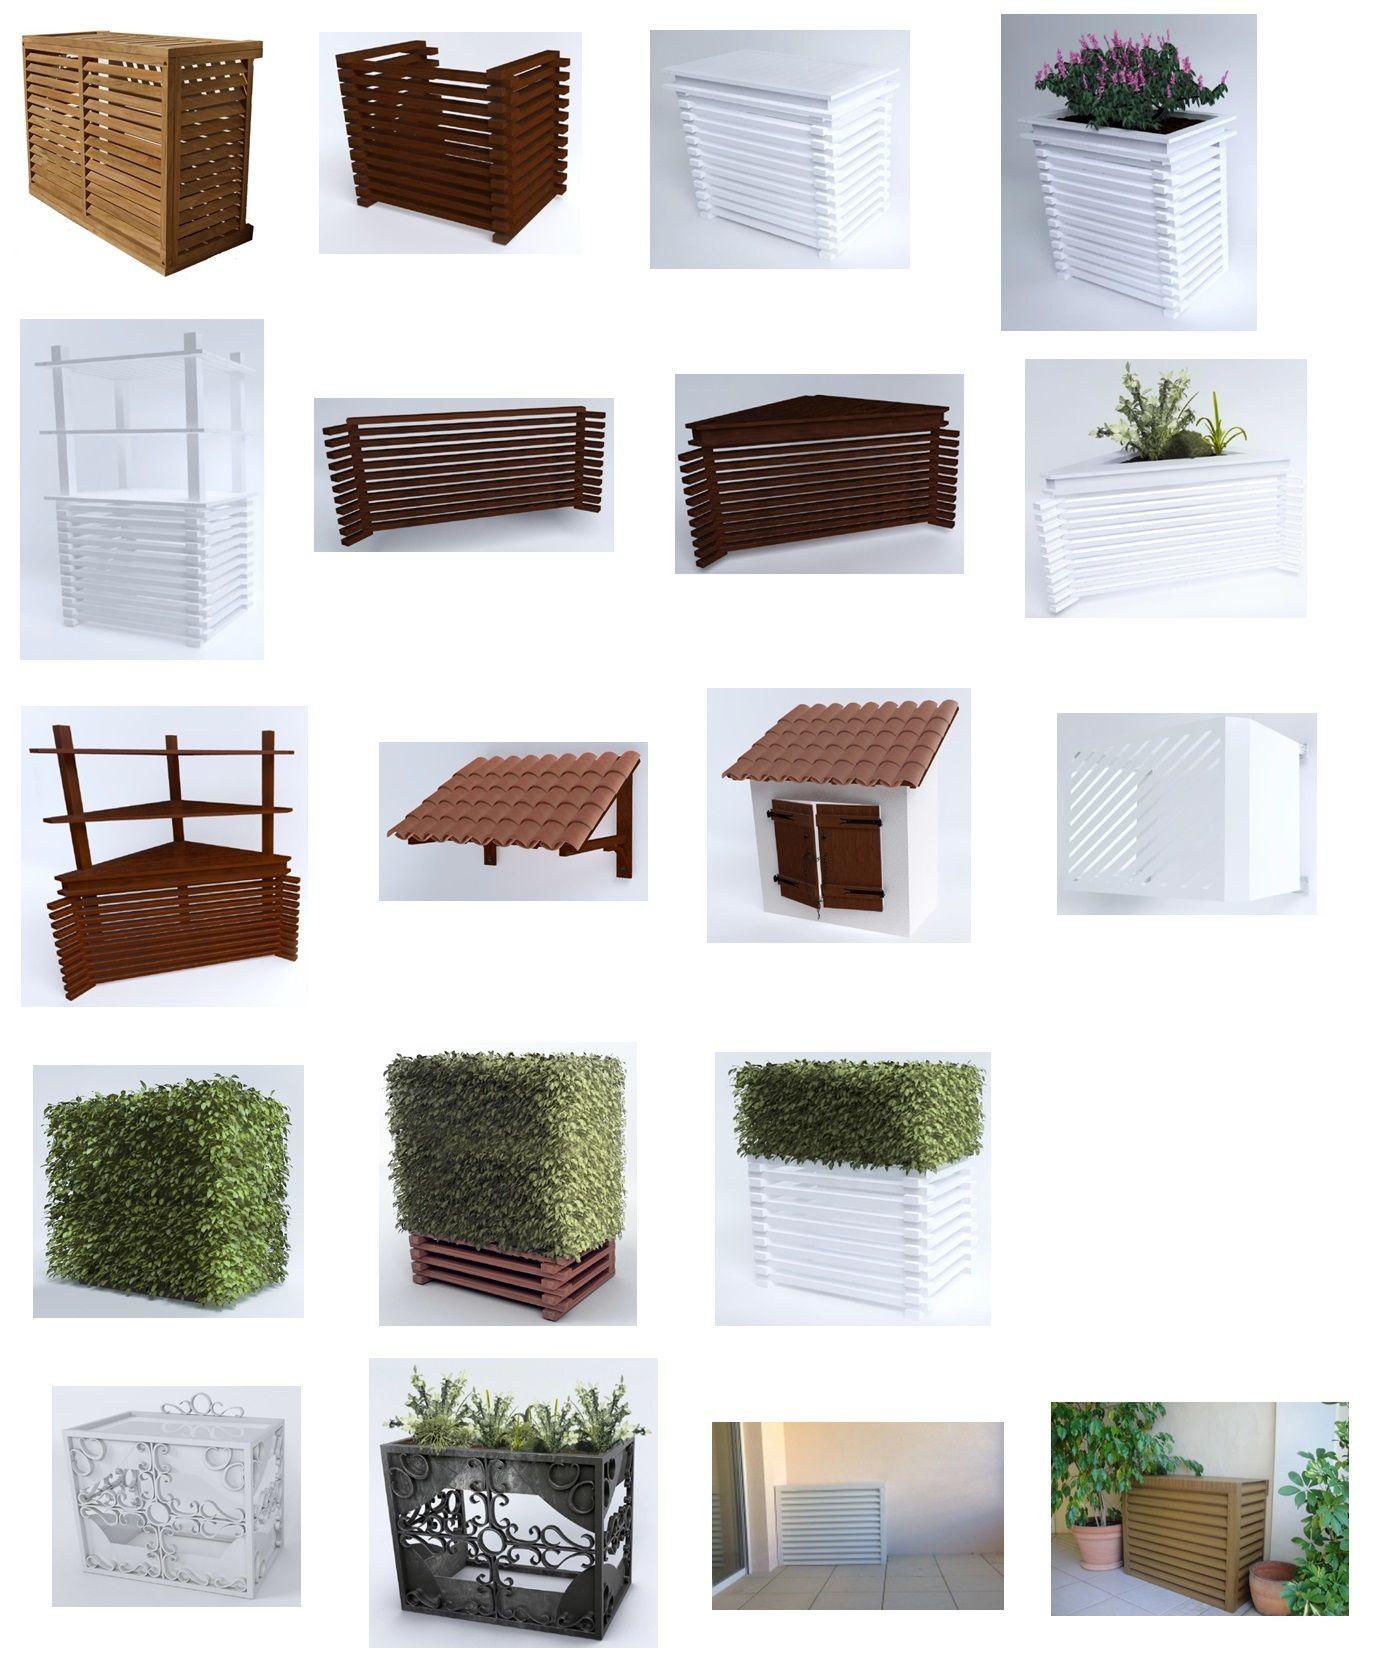 cache pour pompe chaleur info d co pinterest insonorisation cache radiateur. Black Bedroom Furniture Sets. Home Design Ideas